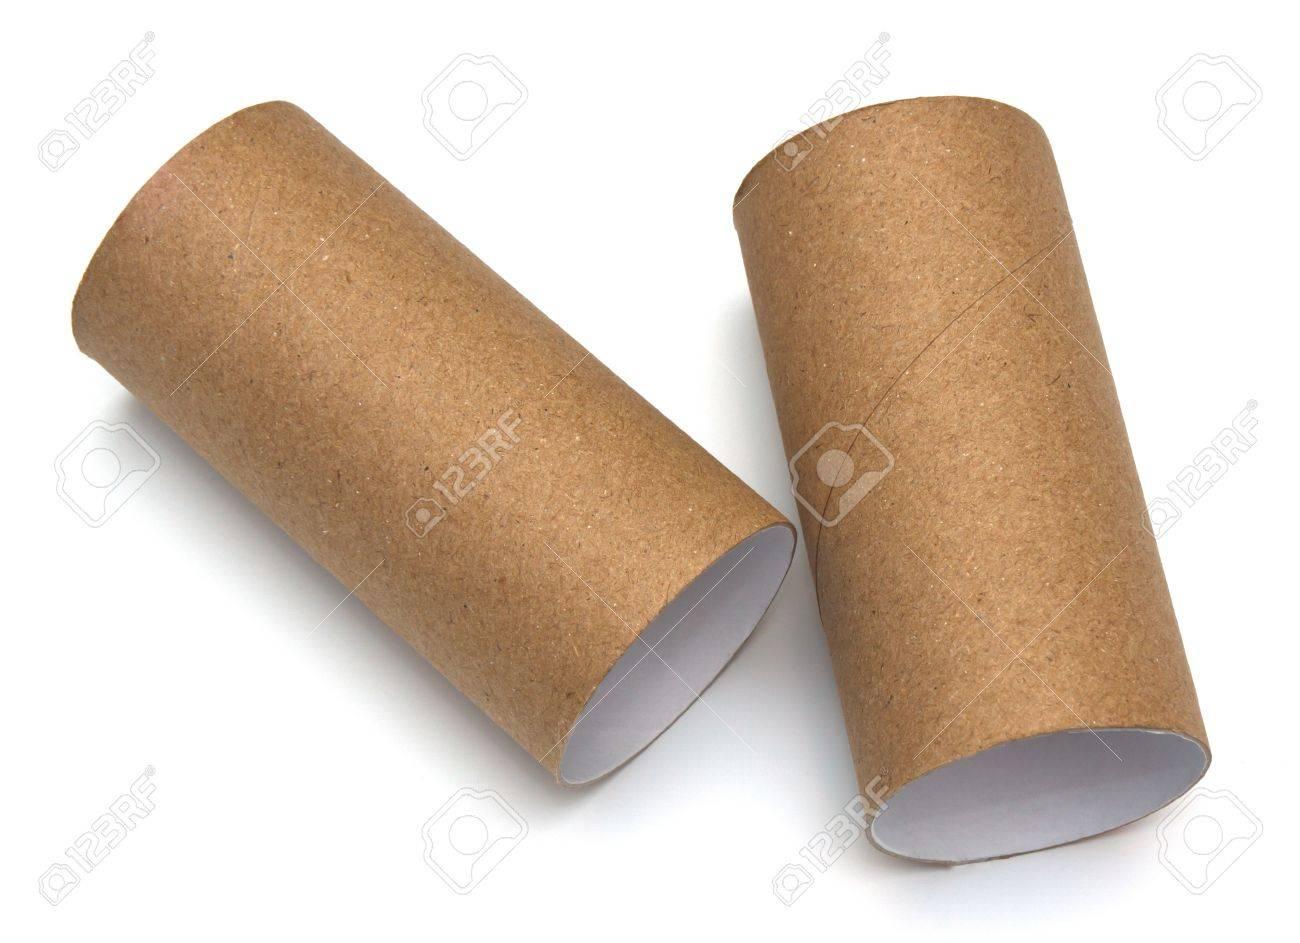 rouleau de papier de salle de bain sur fond blanc Banque d'images - 12544511